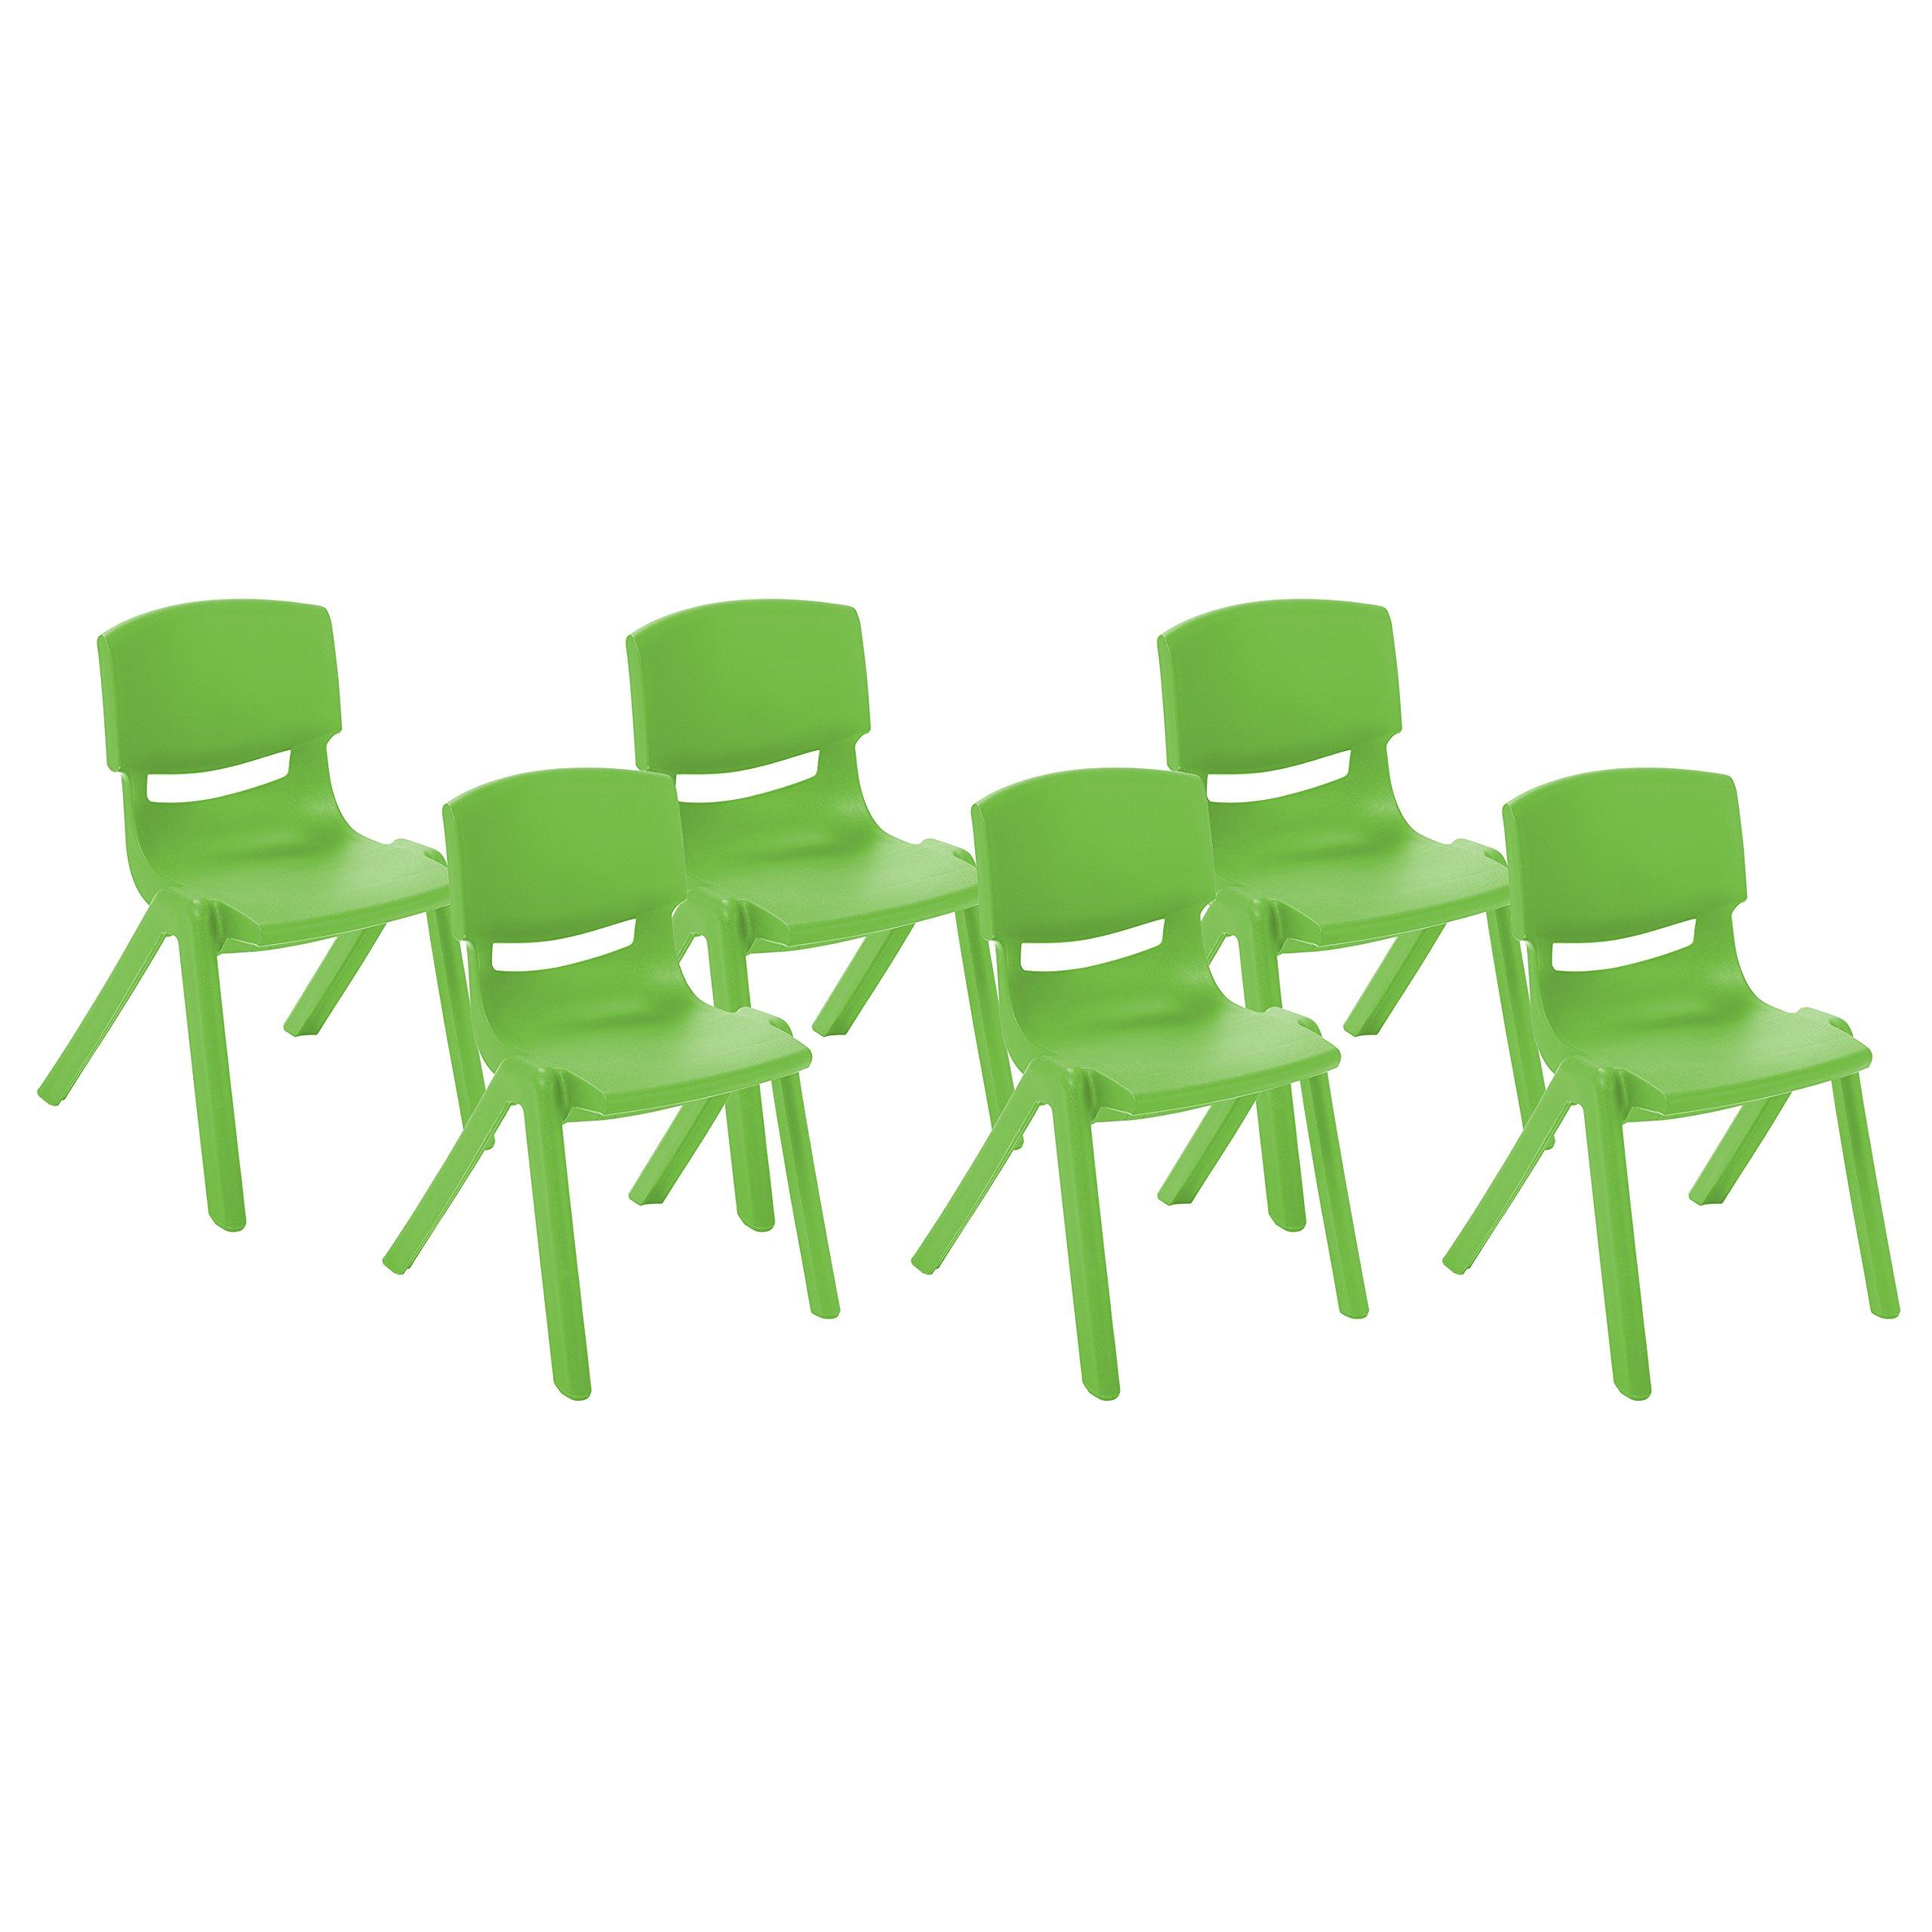 ECR4Kids 10'' School Stack Resin Chair, Grassy Green (6-Pack)